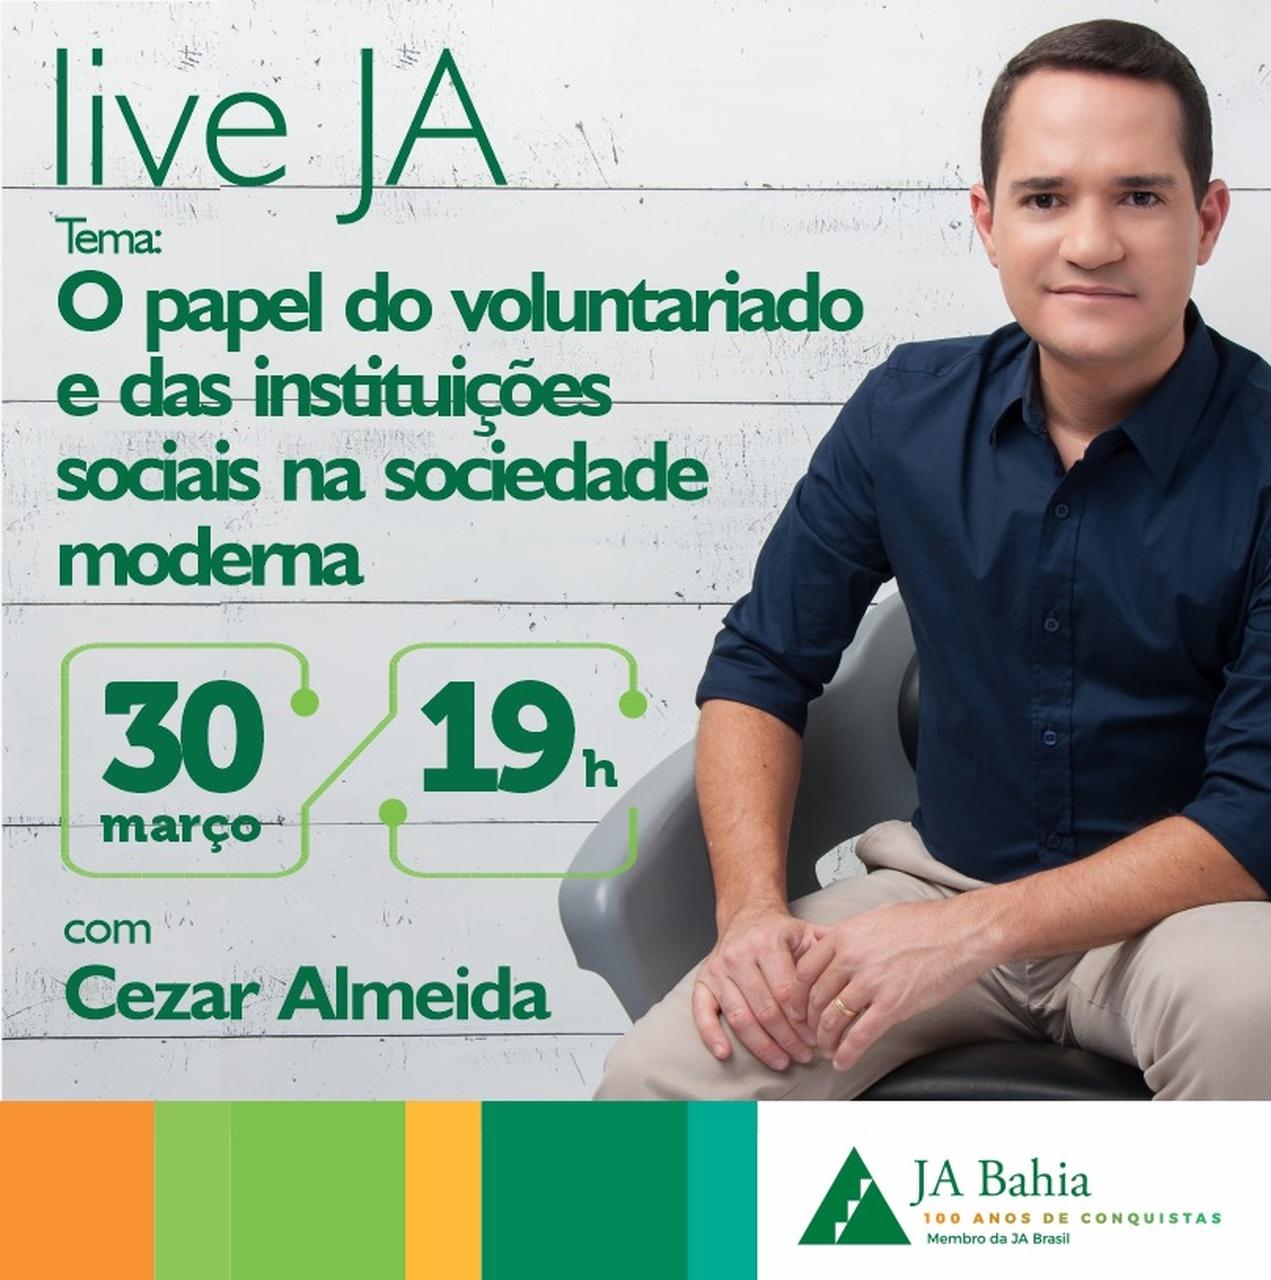 #LIVEJA com Cezar Almeida